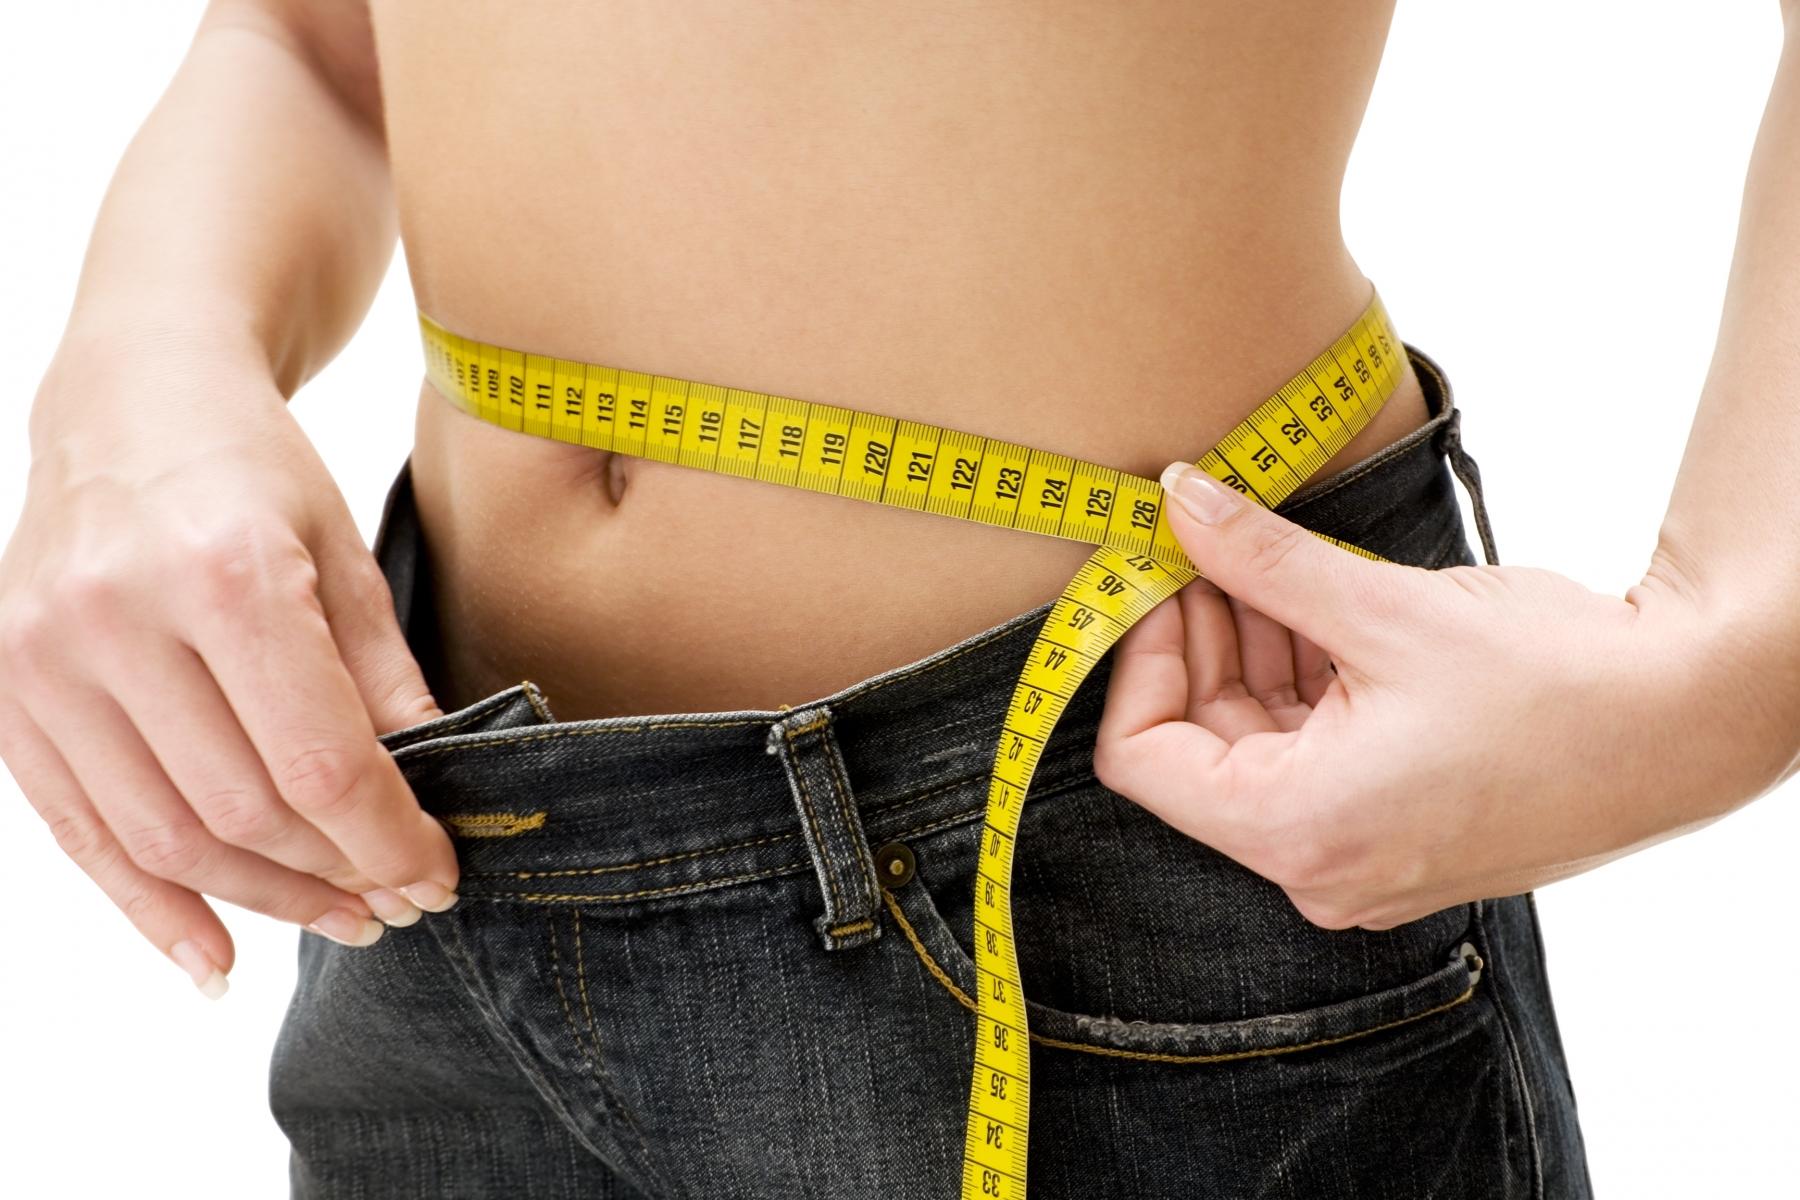 El frío ayudaría a bajar de peso